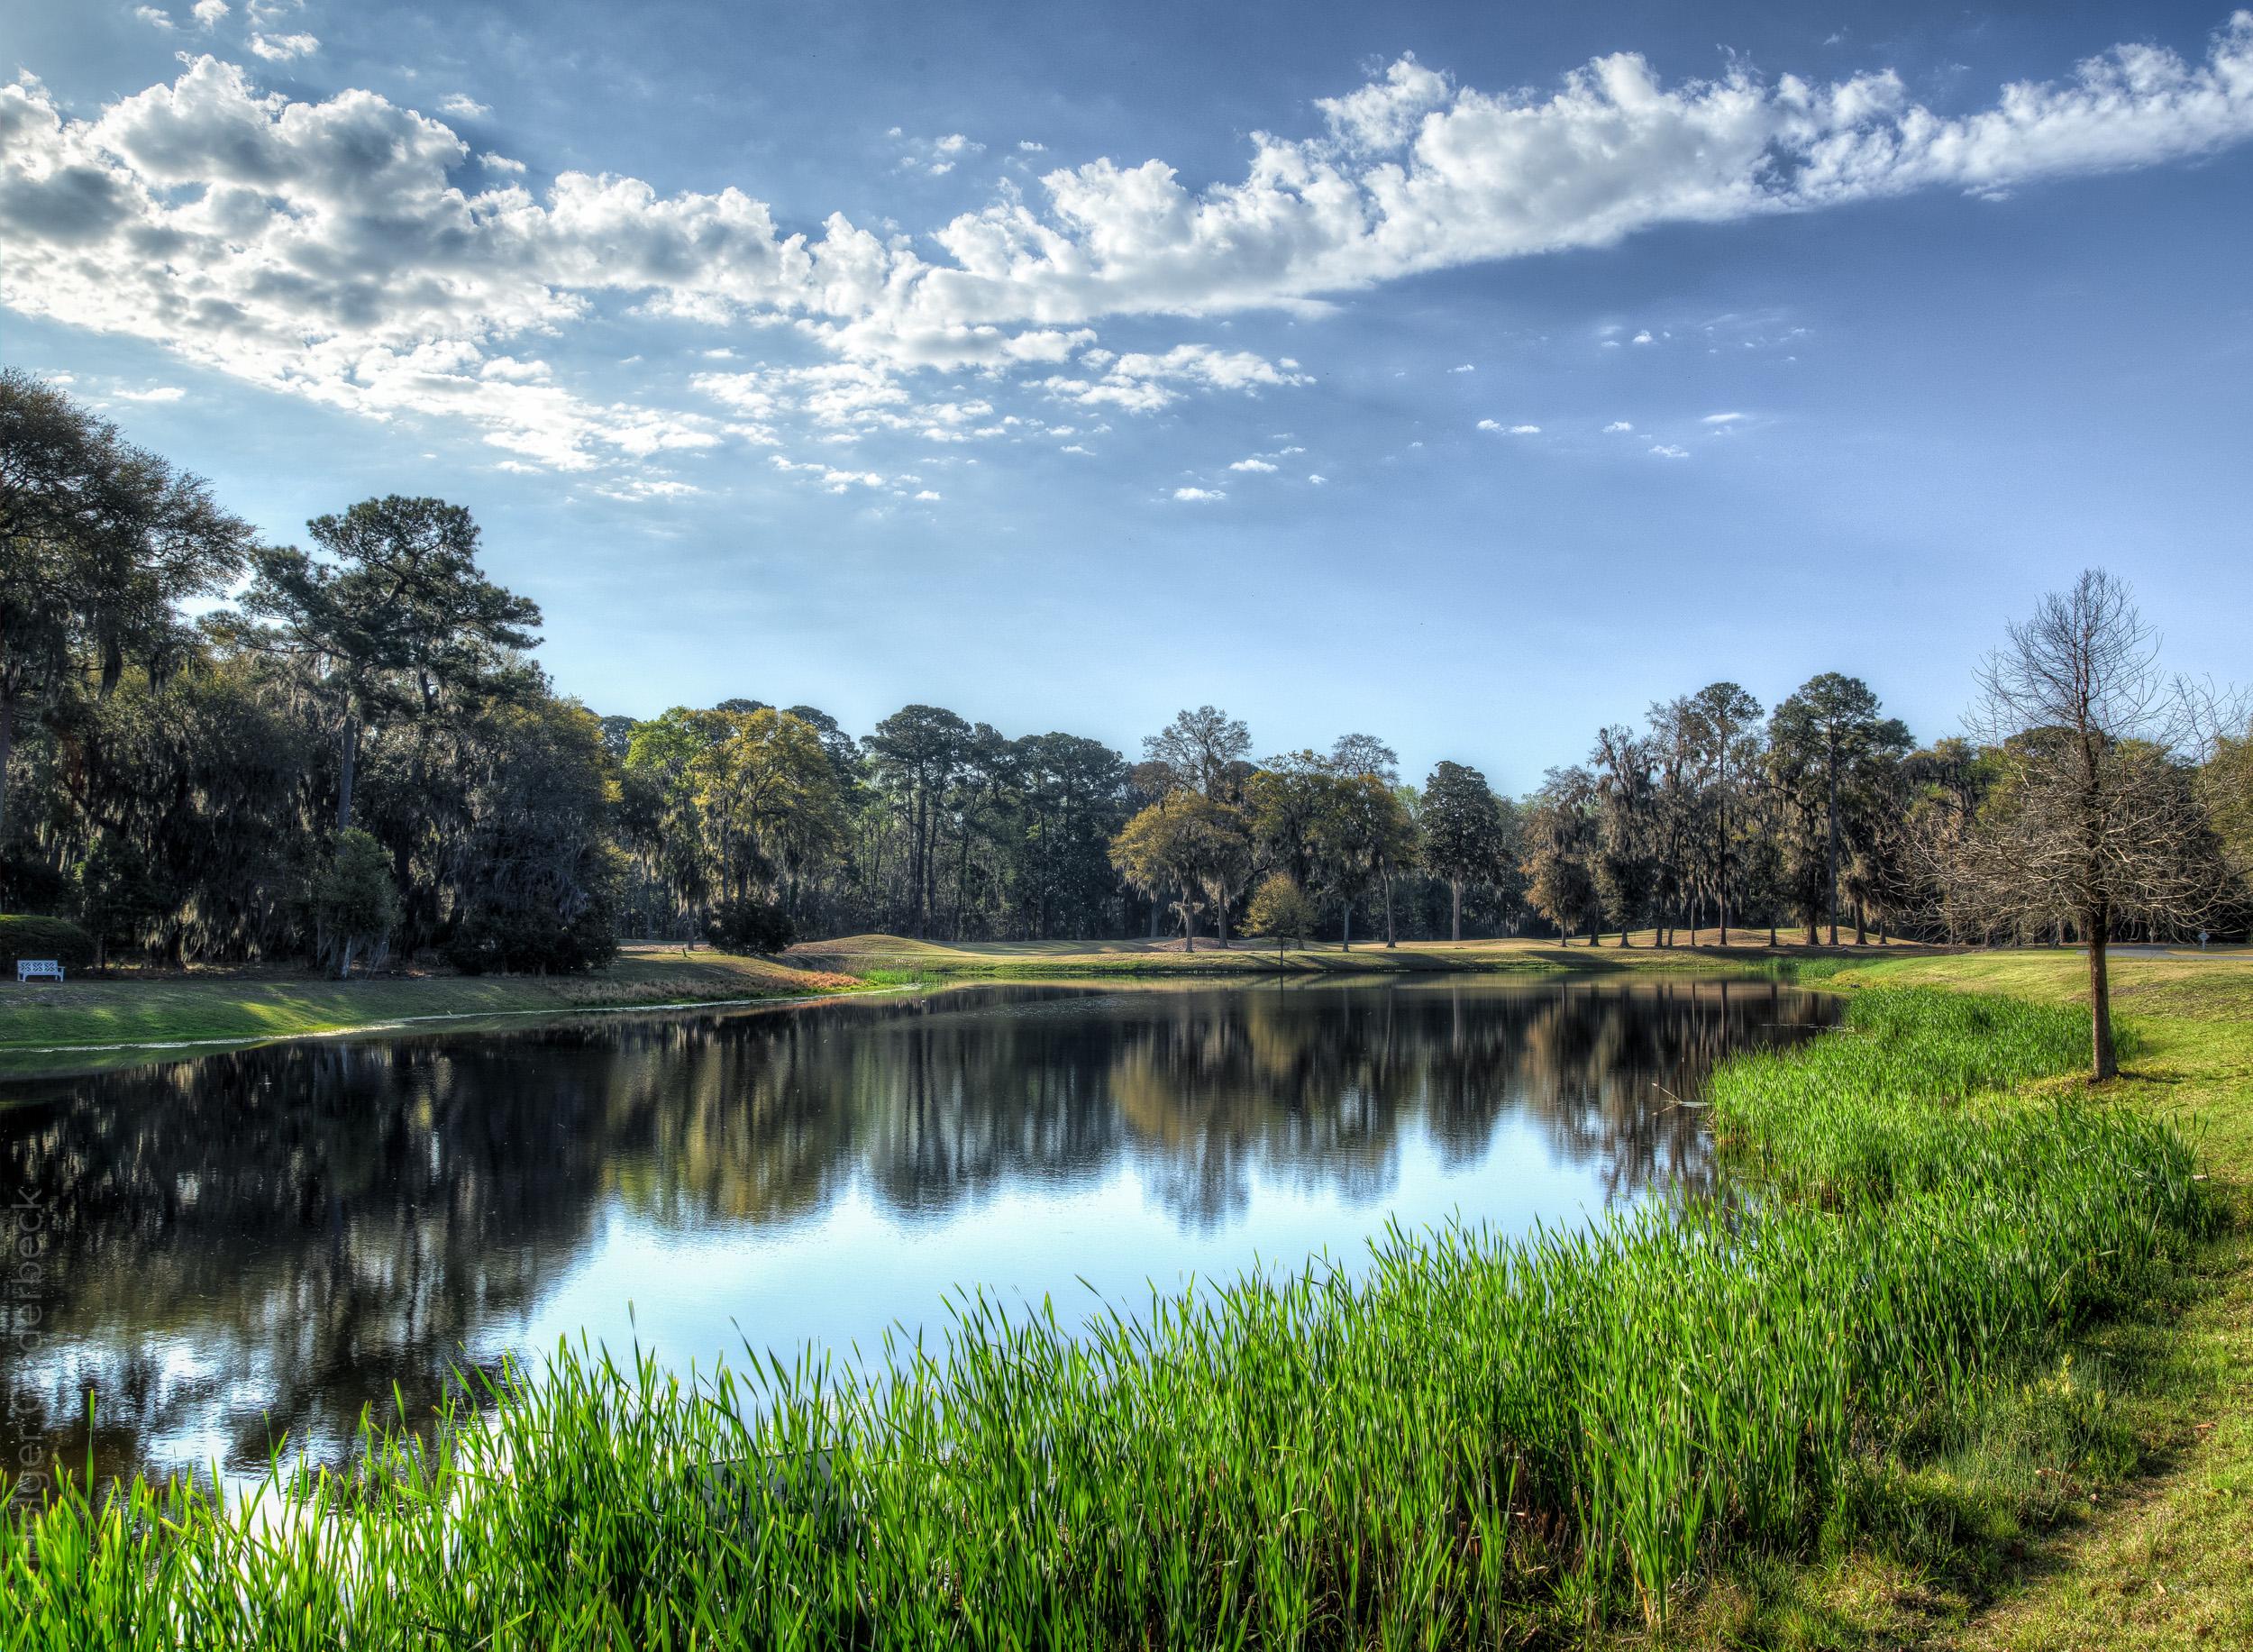 040 osprey-small-pond.jpg